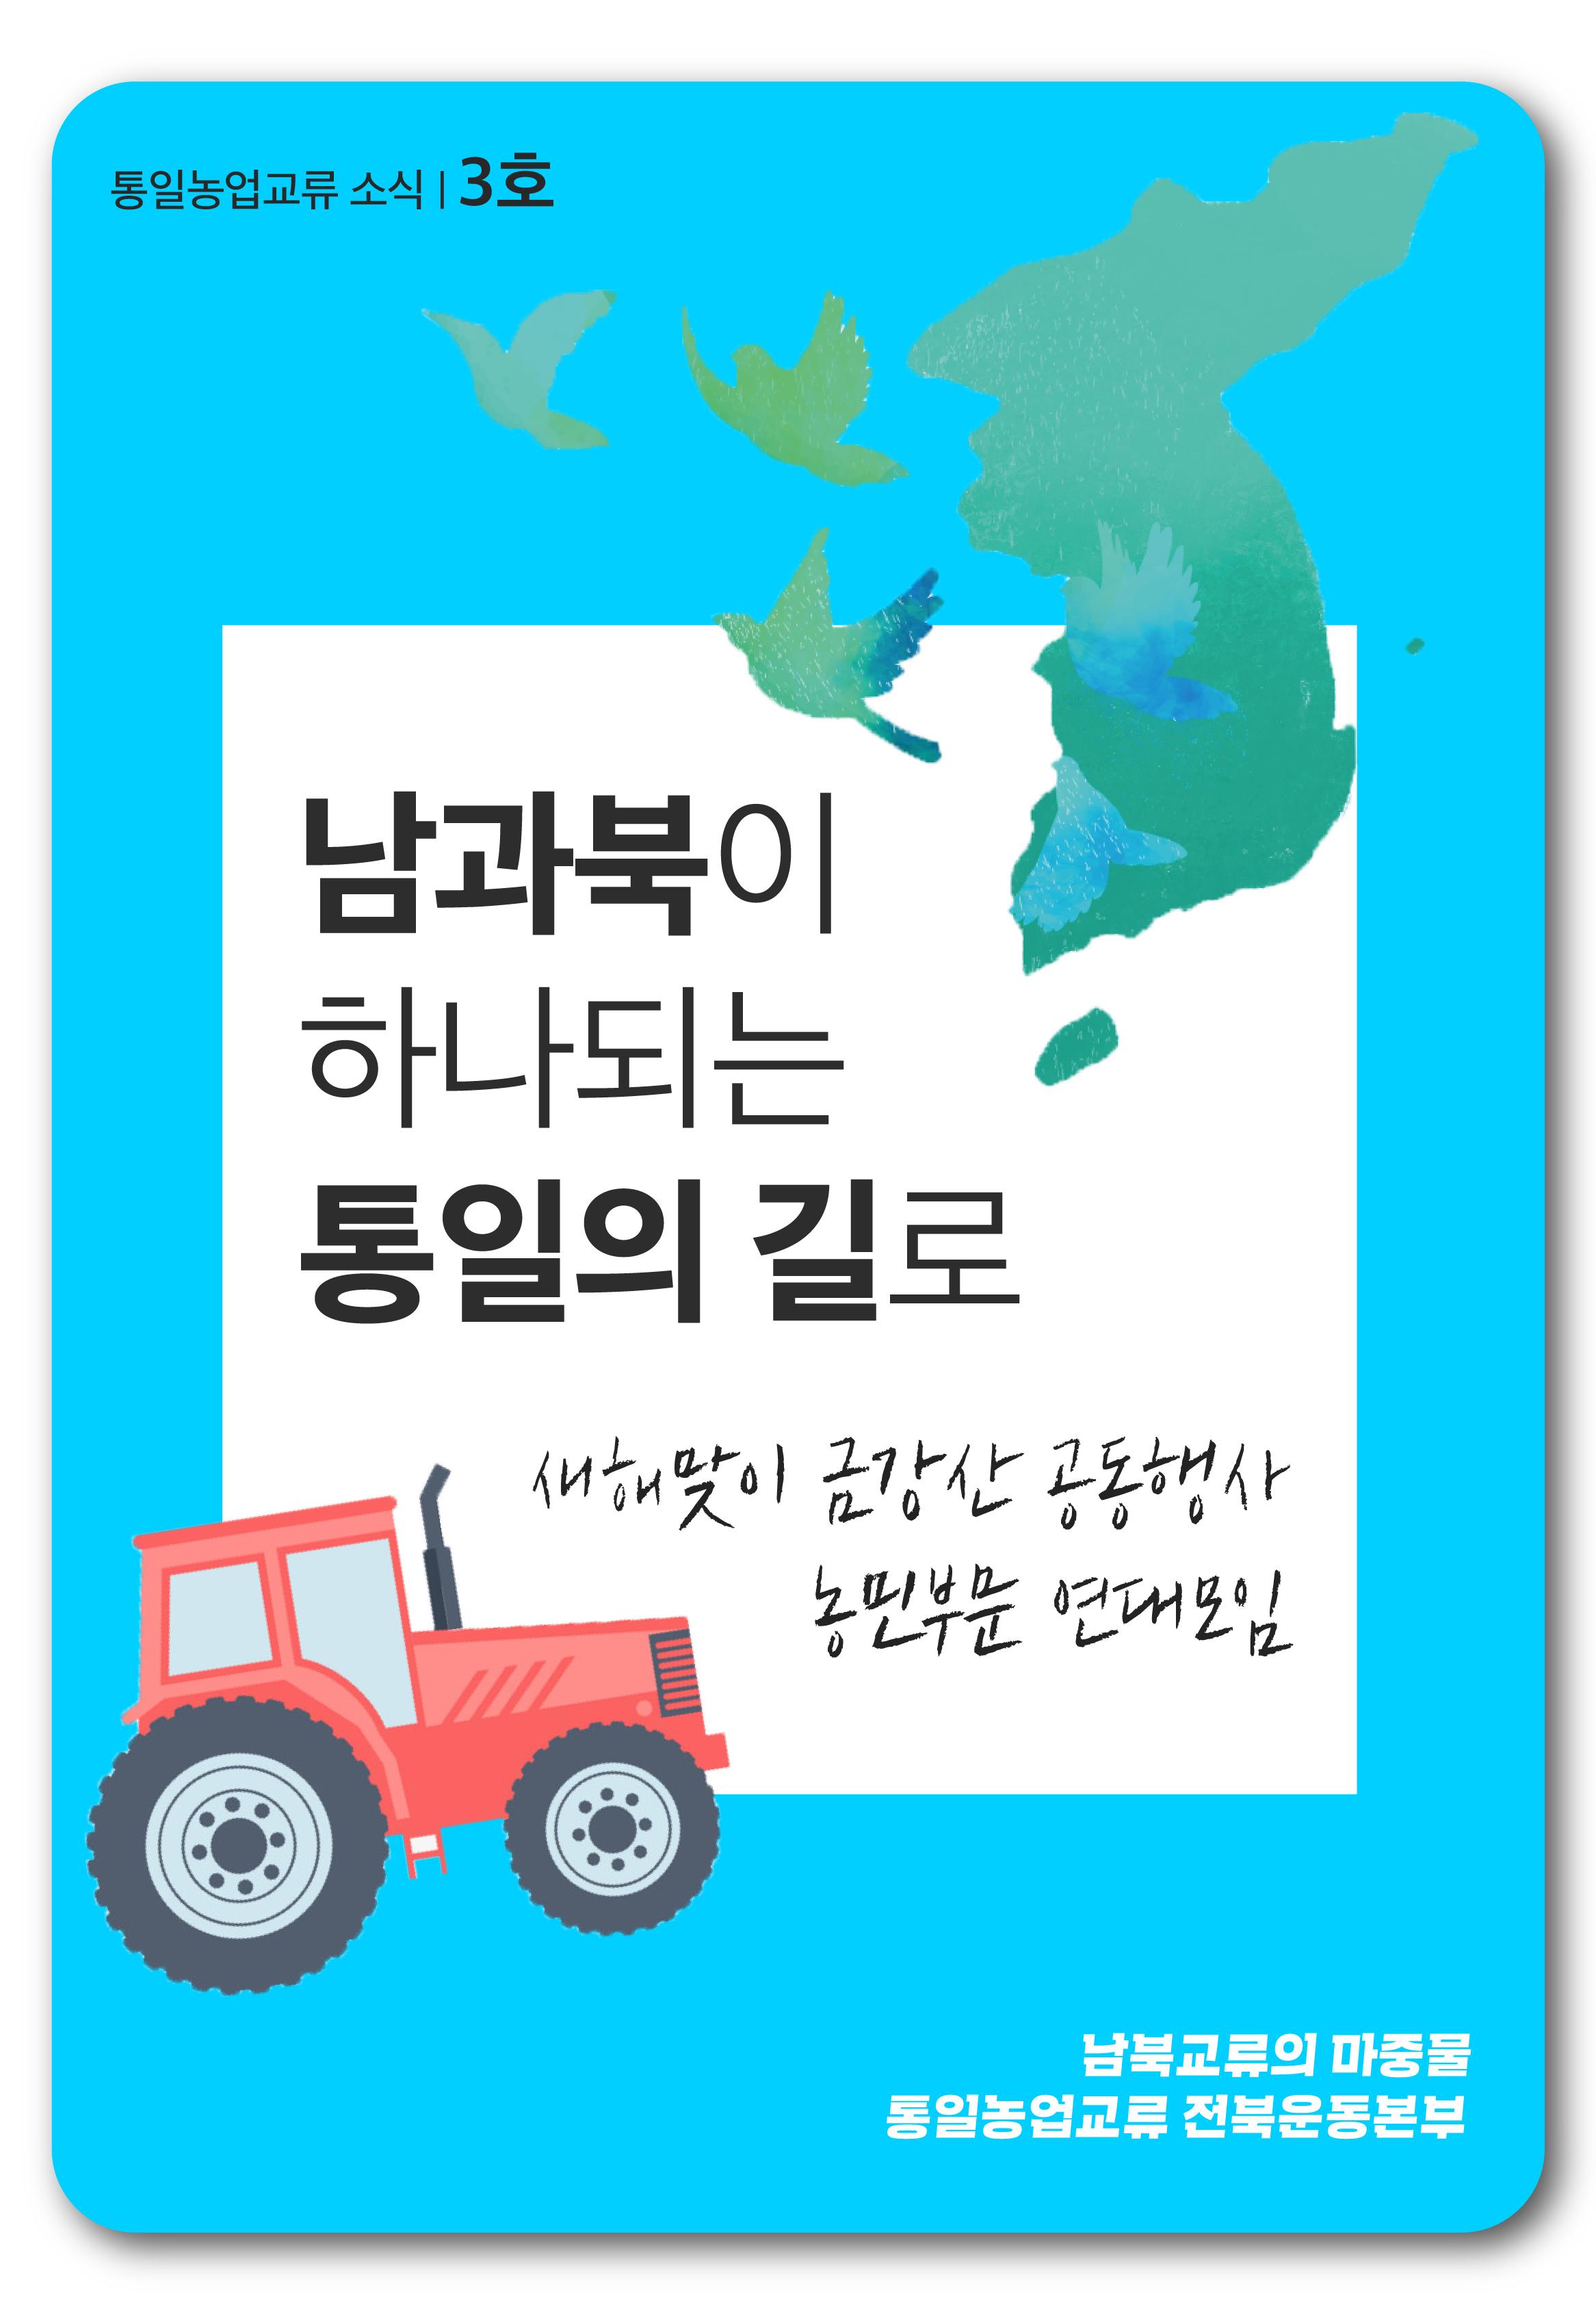 통일농업 카드뉴스 3호-01.jpg